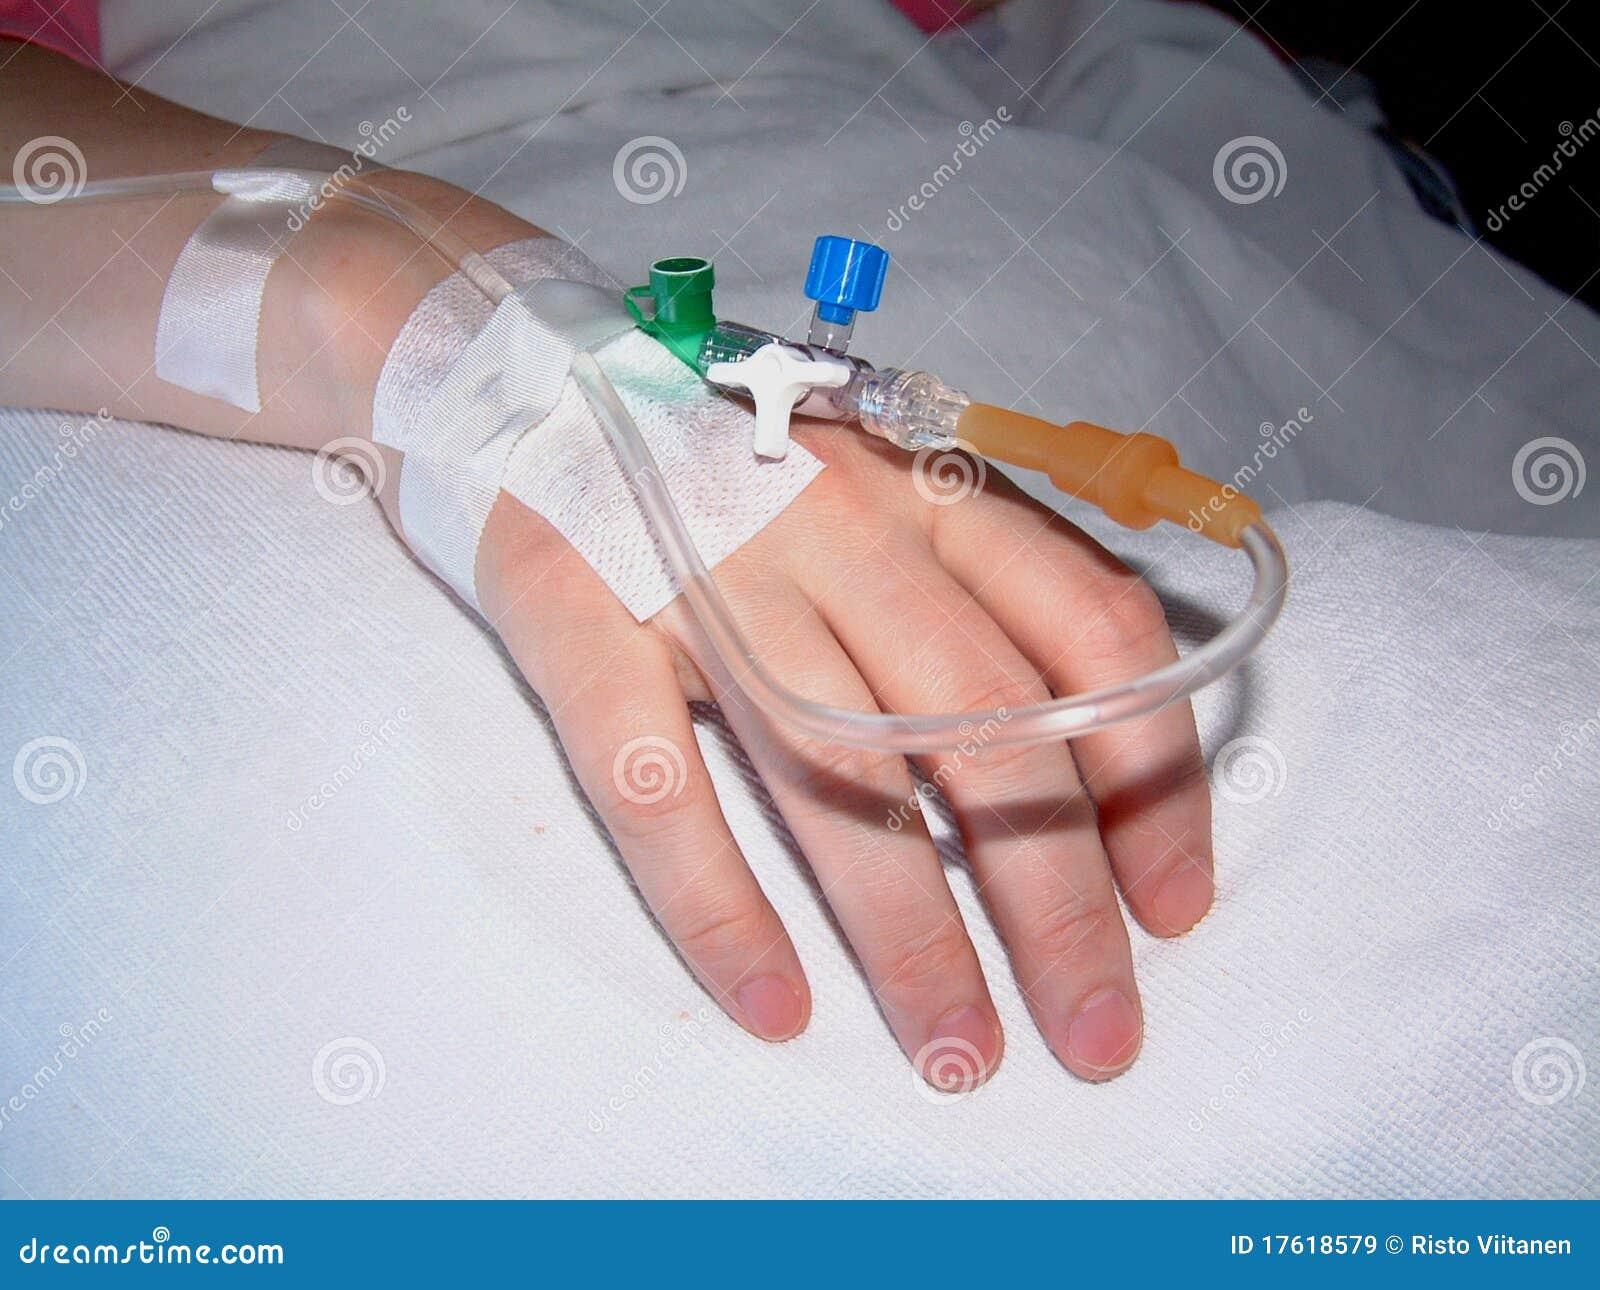 препарата катеторы на руках фото анекдоты про